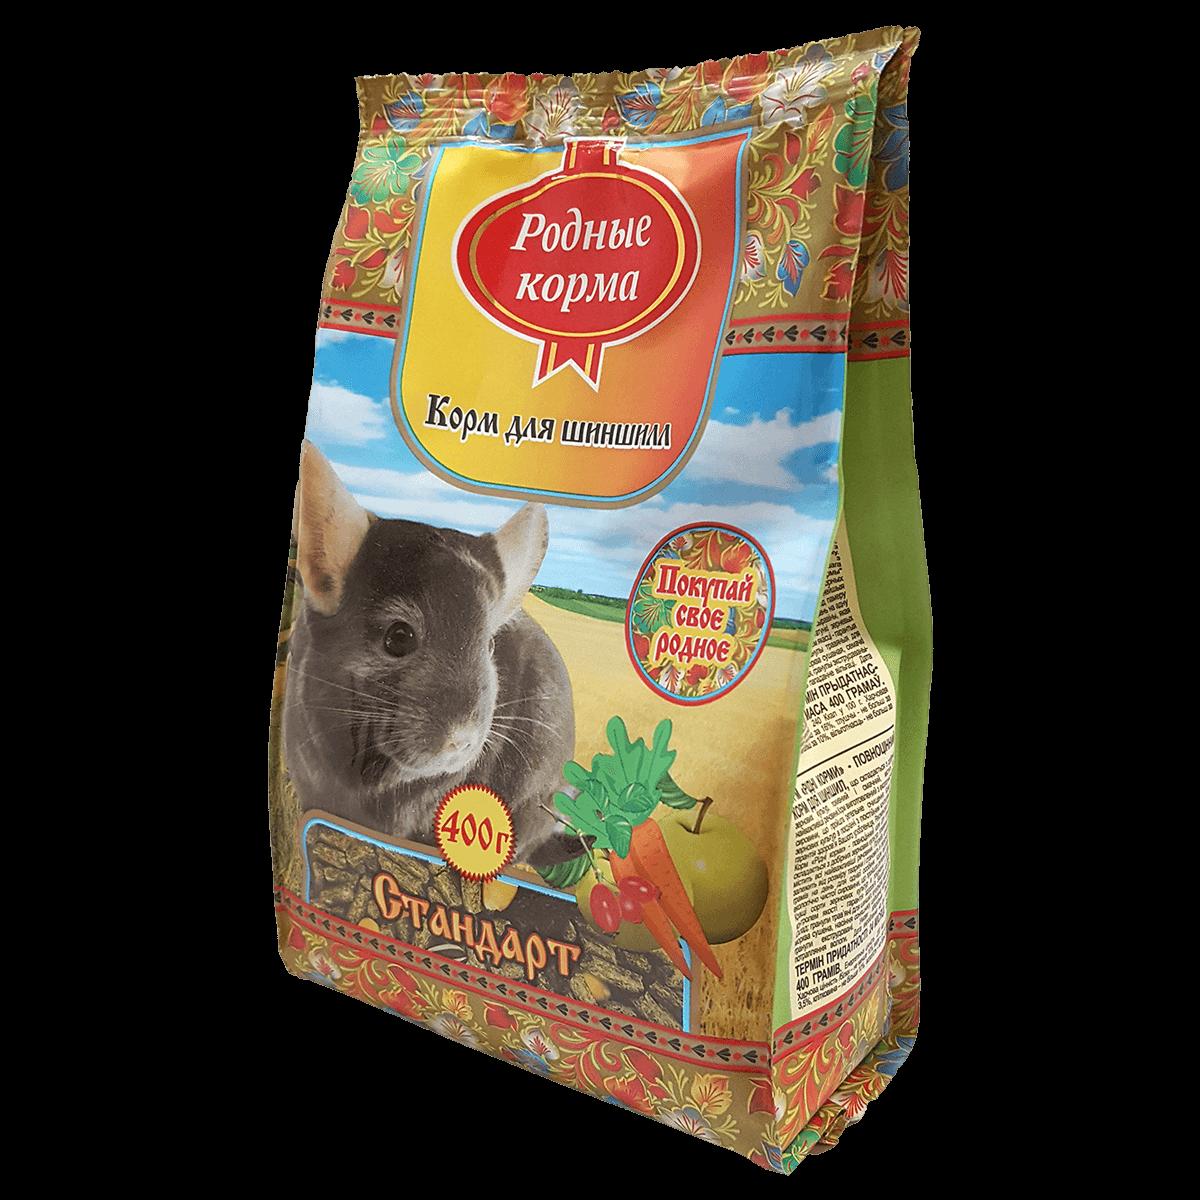 Холистик корма для кошек   Товары для кошек: витамины